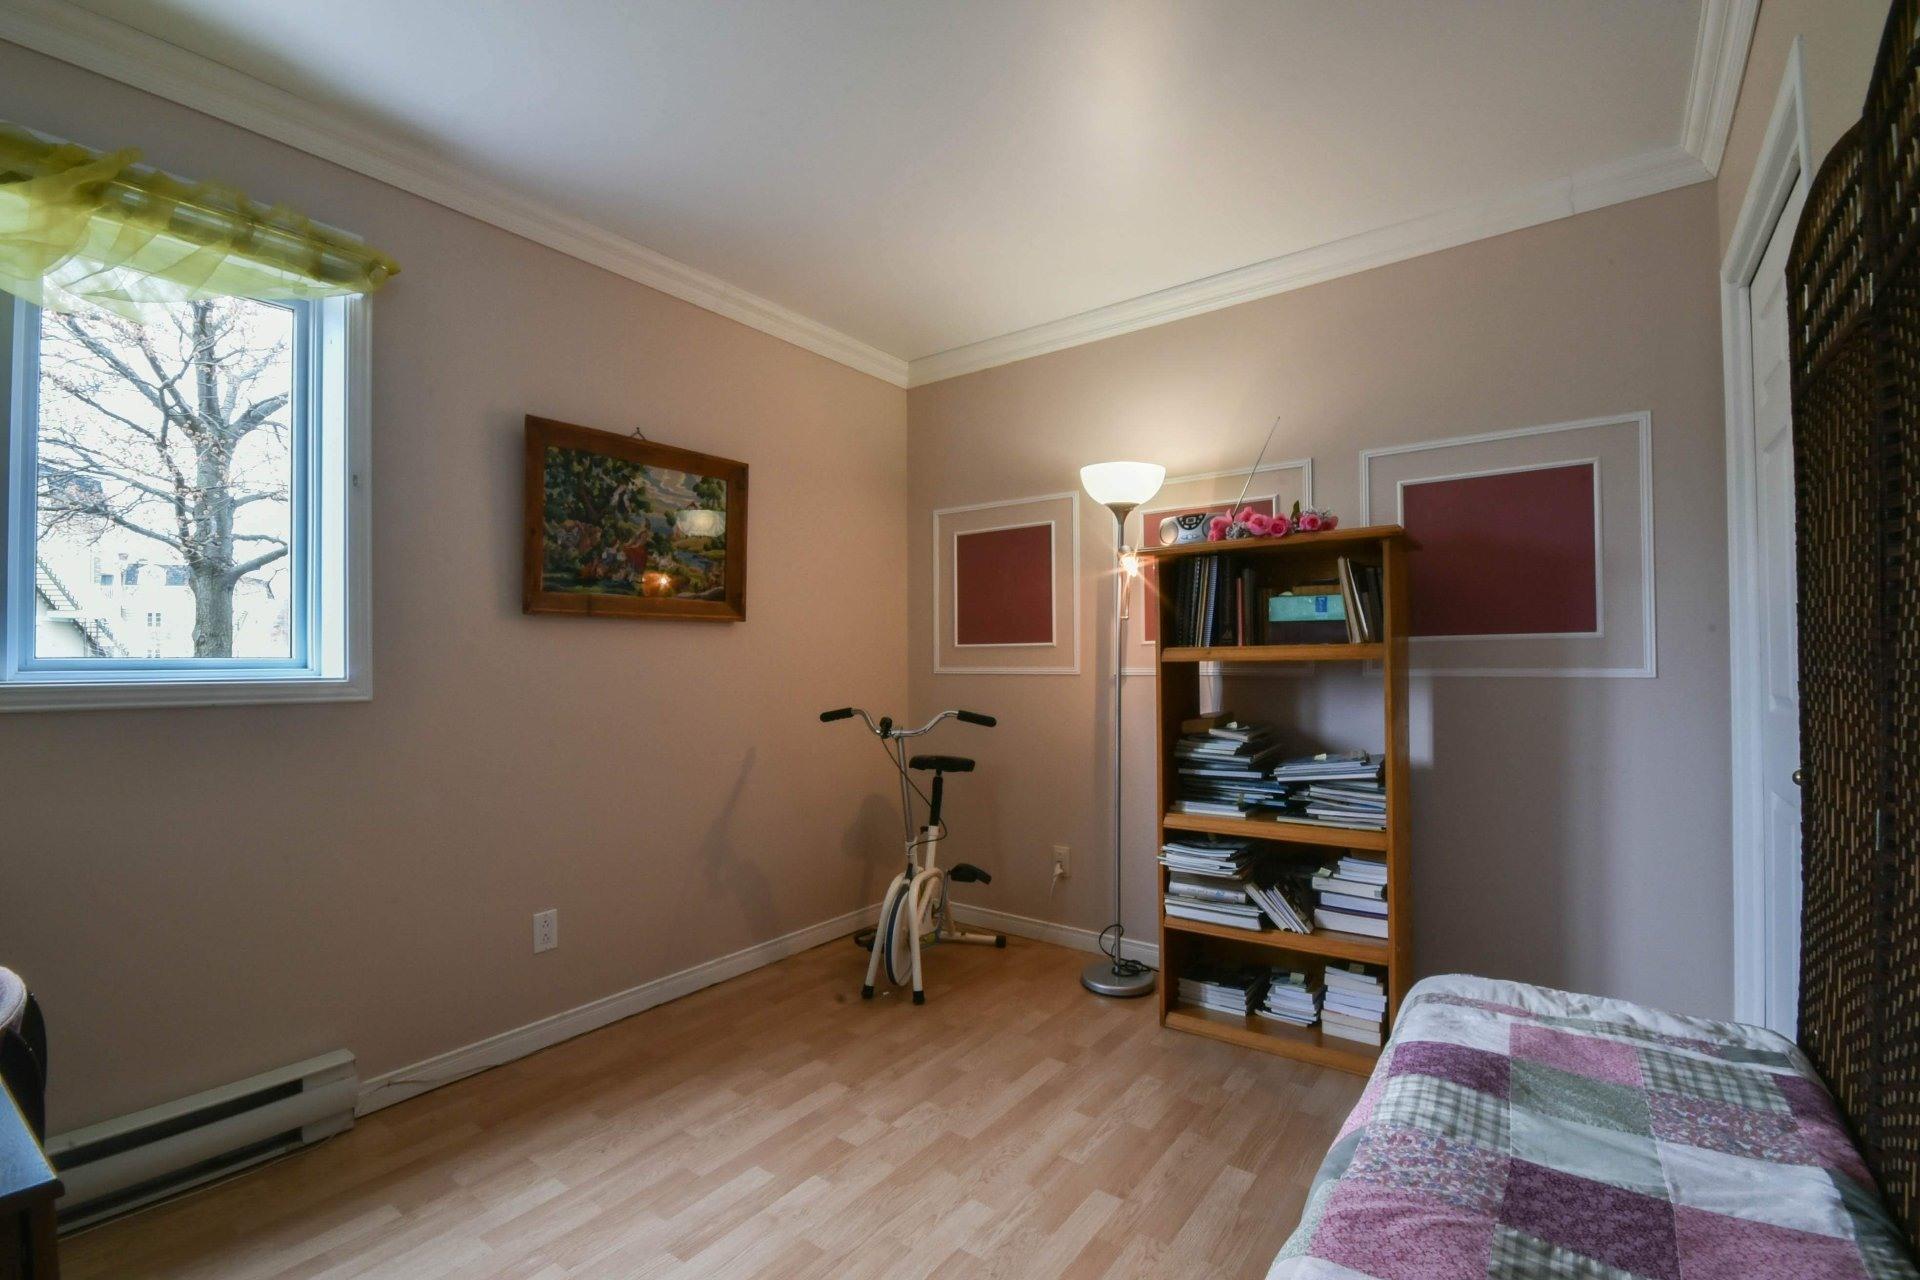 image 13 - Appartement À vendre Bécancour - 7 pièces